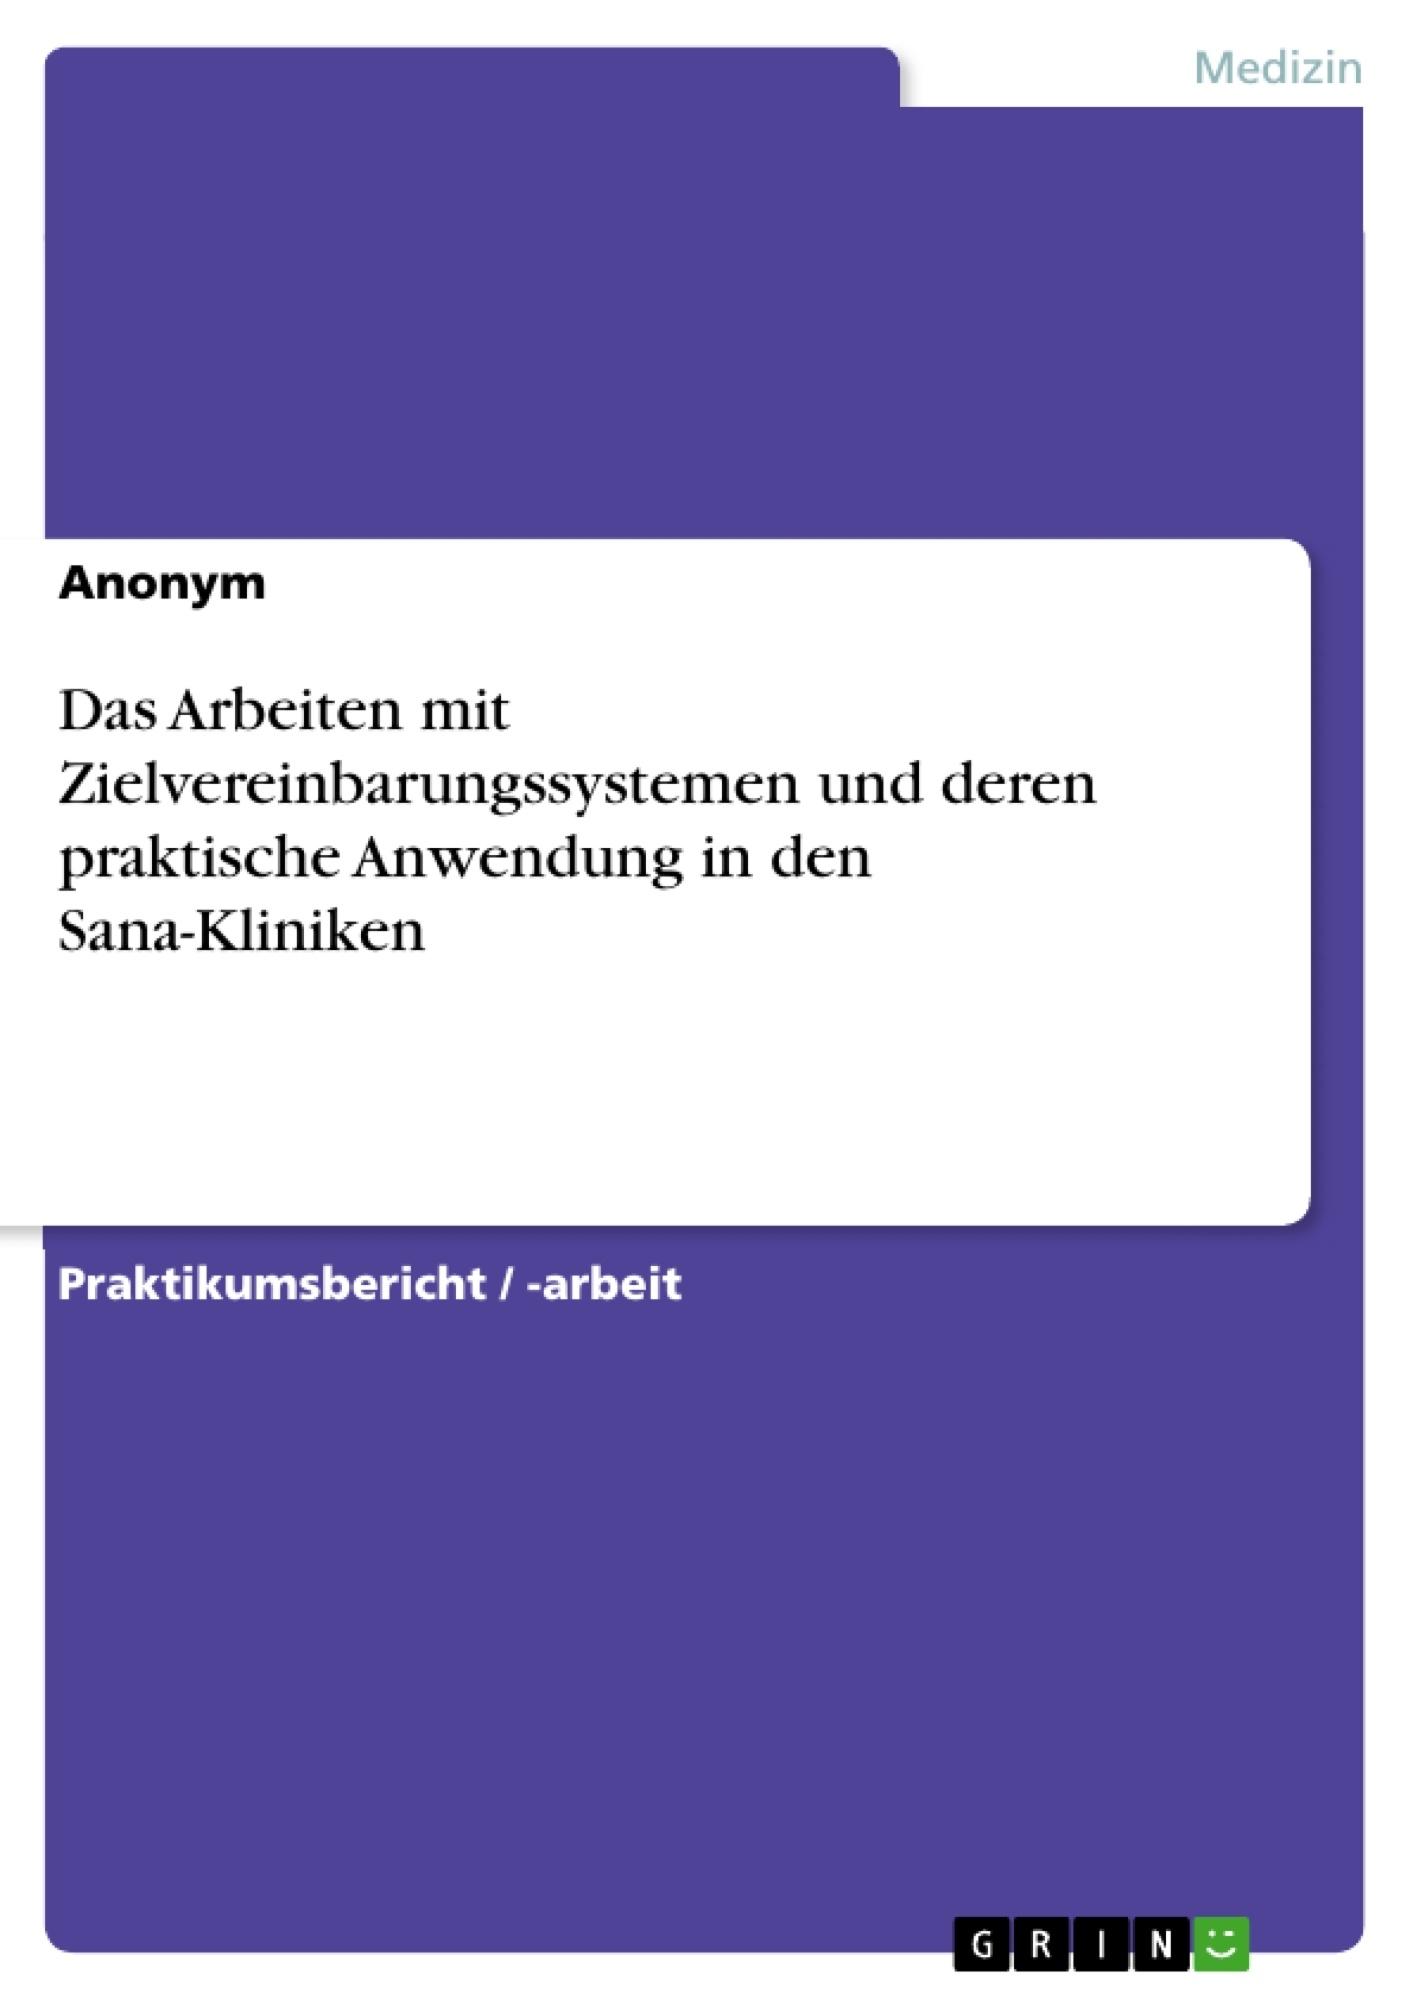 Titel: Das Arbeiten mit Zielvereinbarungssystemen und deren praktische Anwendung in den Sana-Kliniken